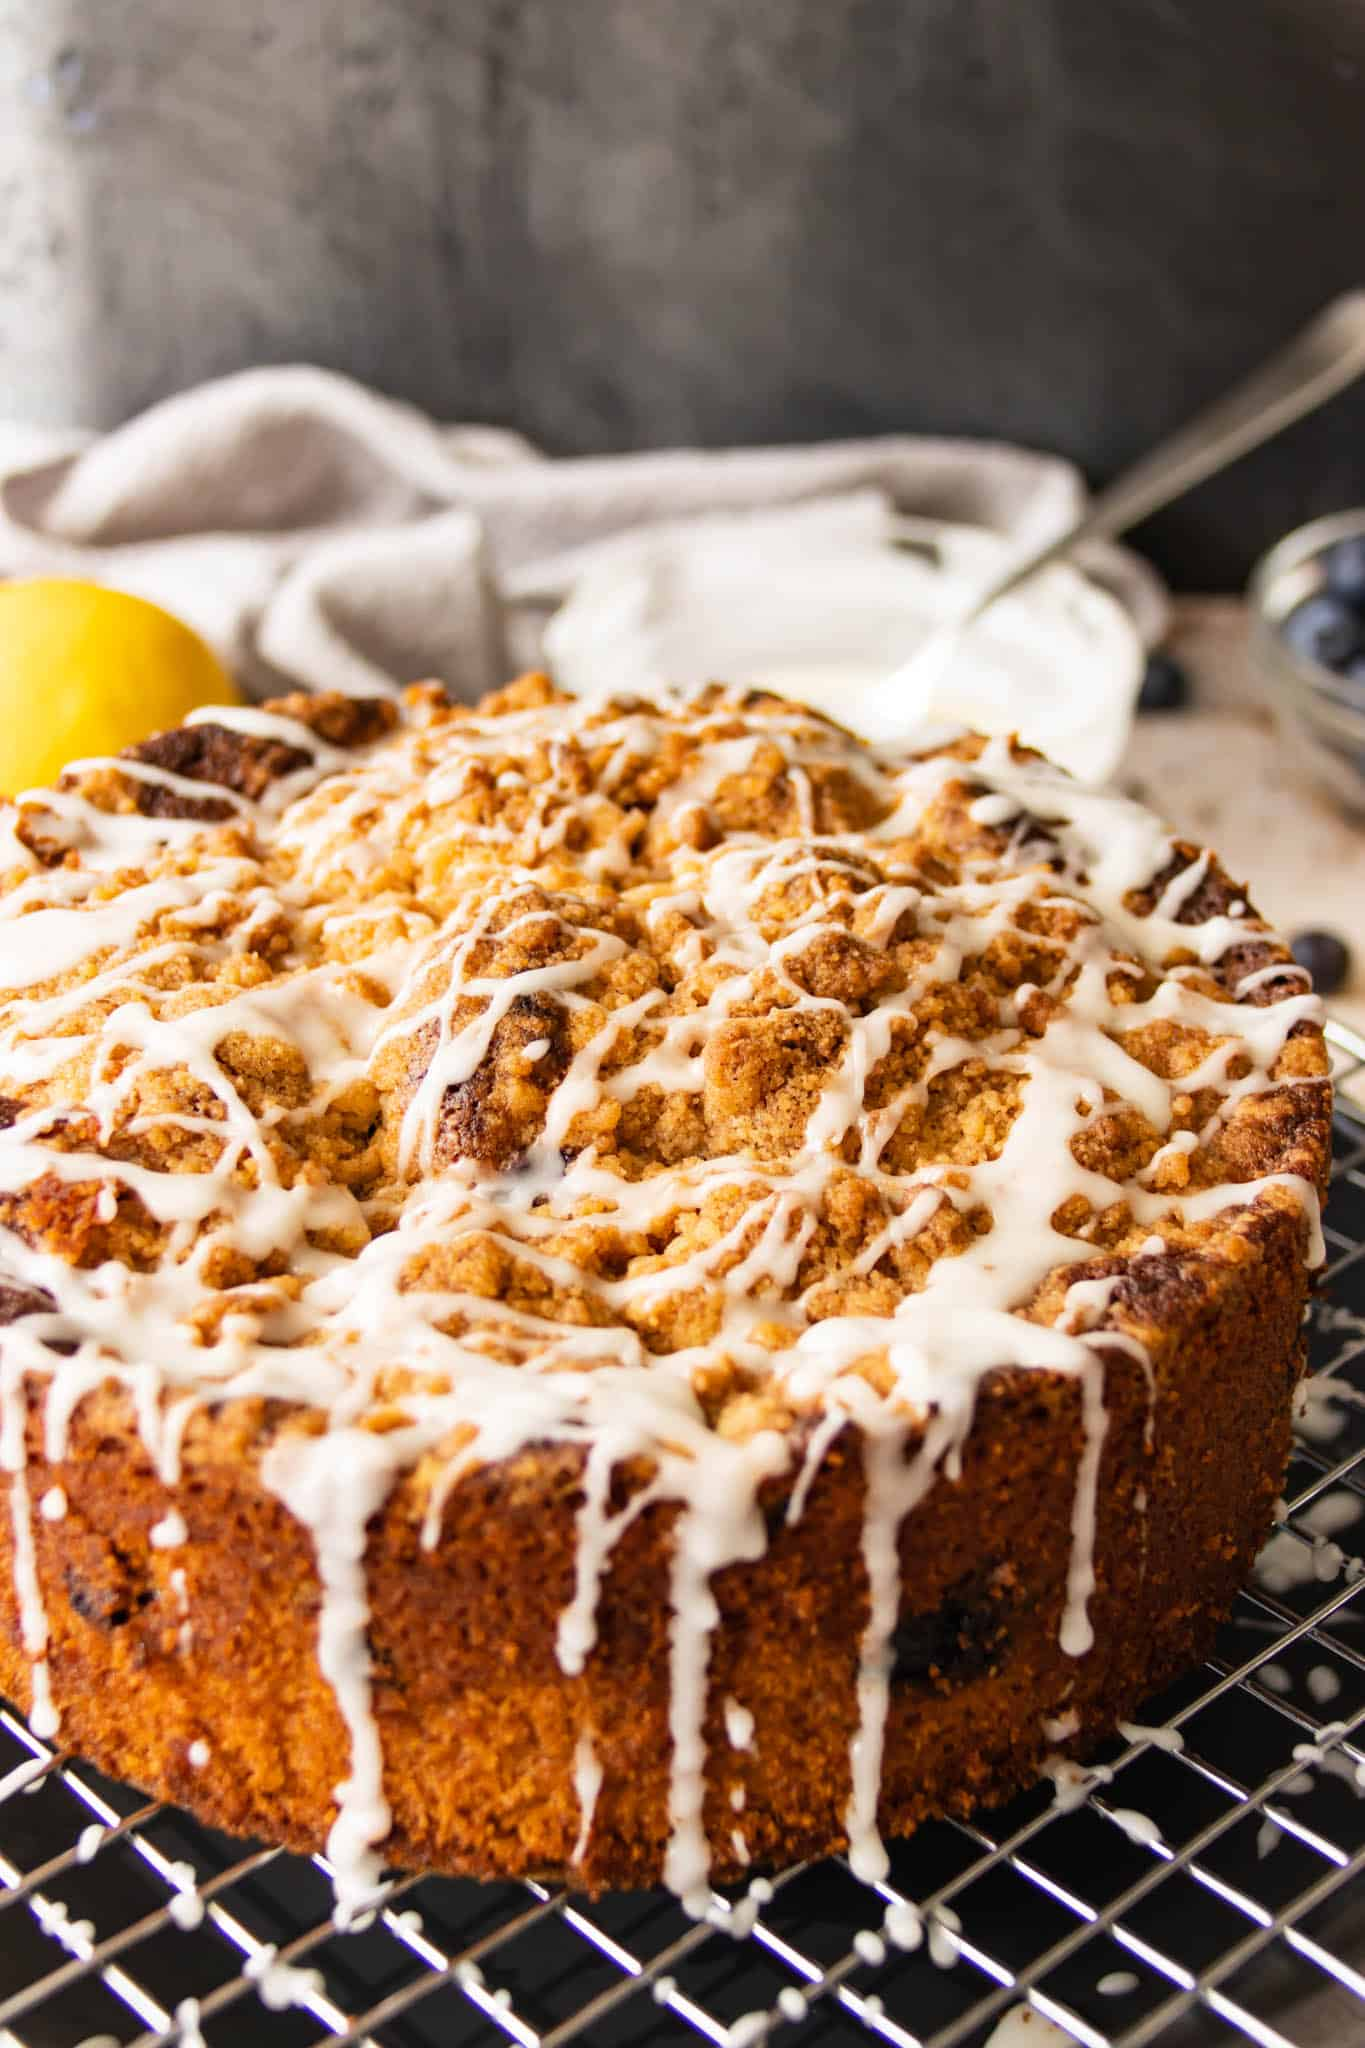 Blueberry crumble cake with lemon glaze